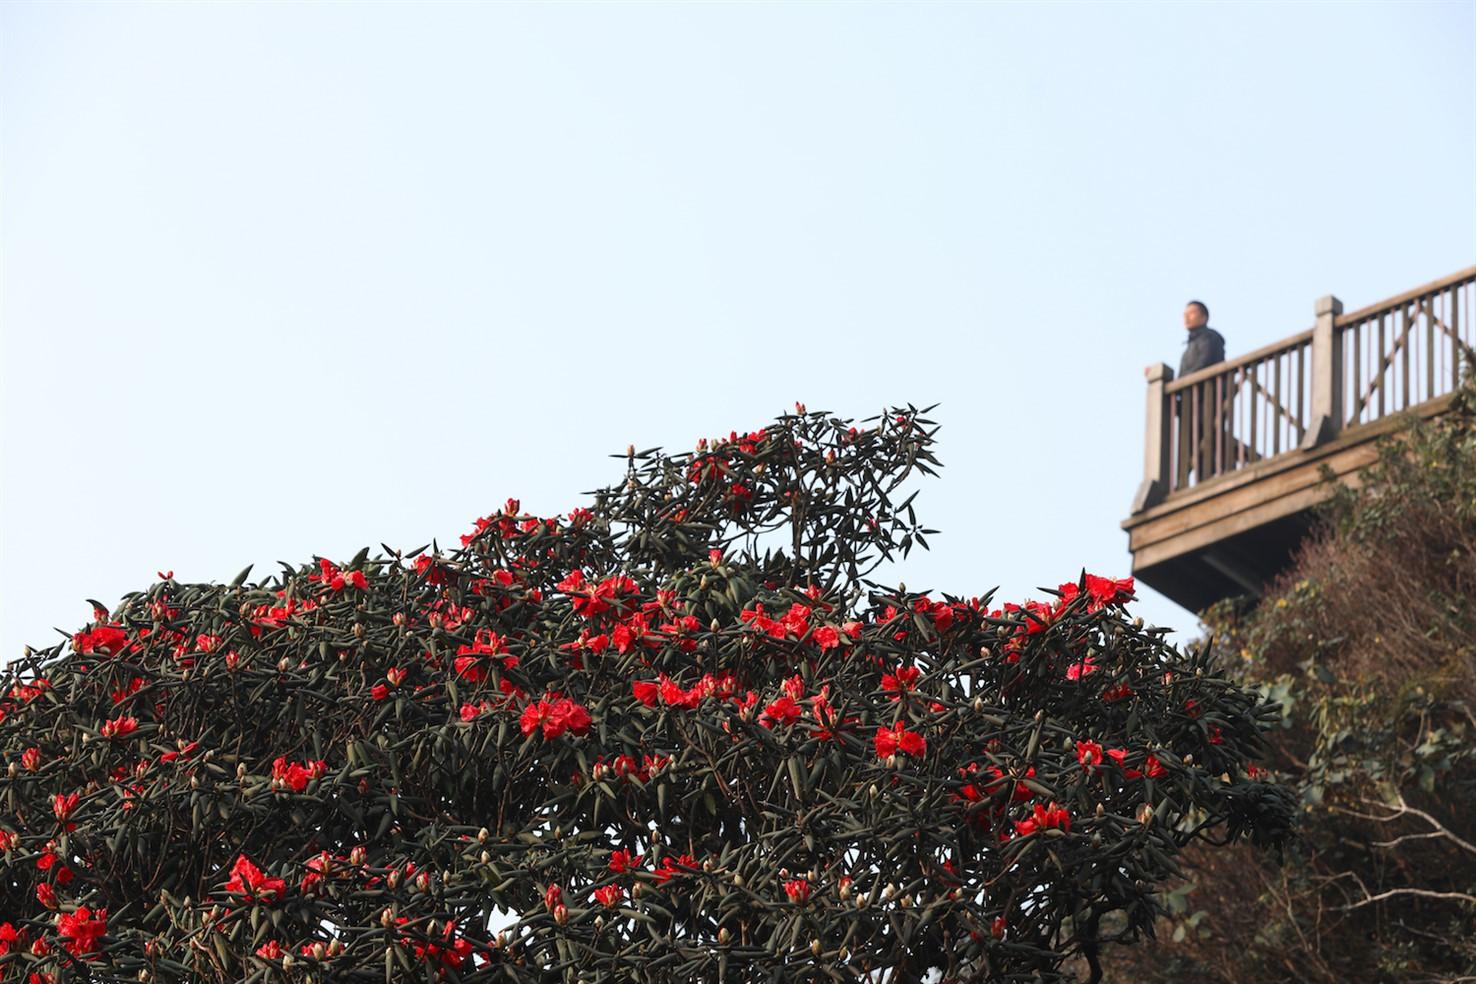 Ngỡ ngàng biển hoa tím đẹp như cổ tích tại Fansipan - Ảnh 1.